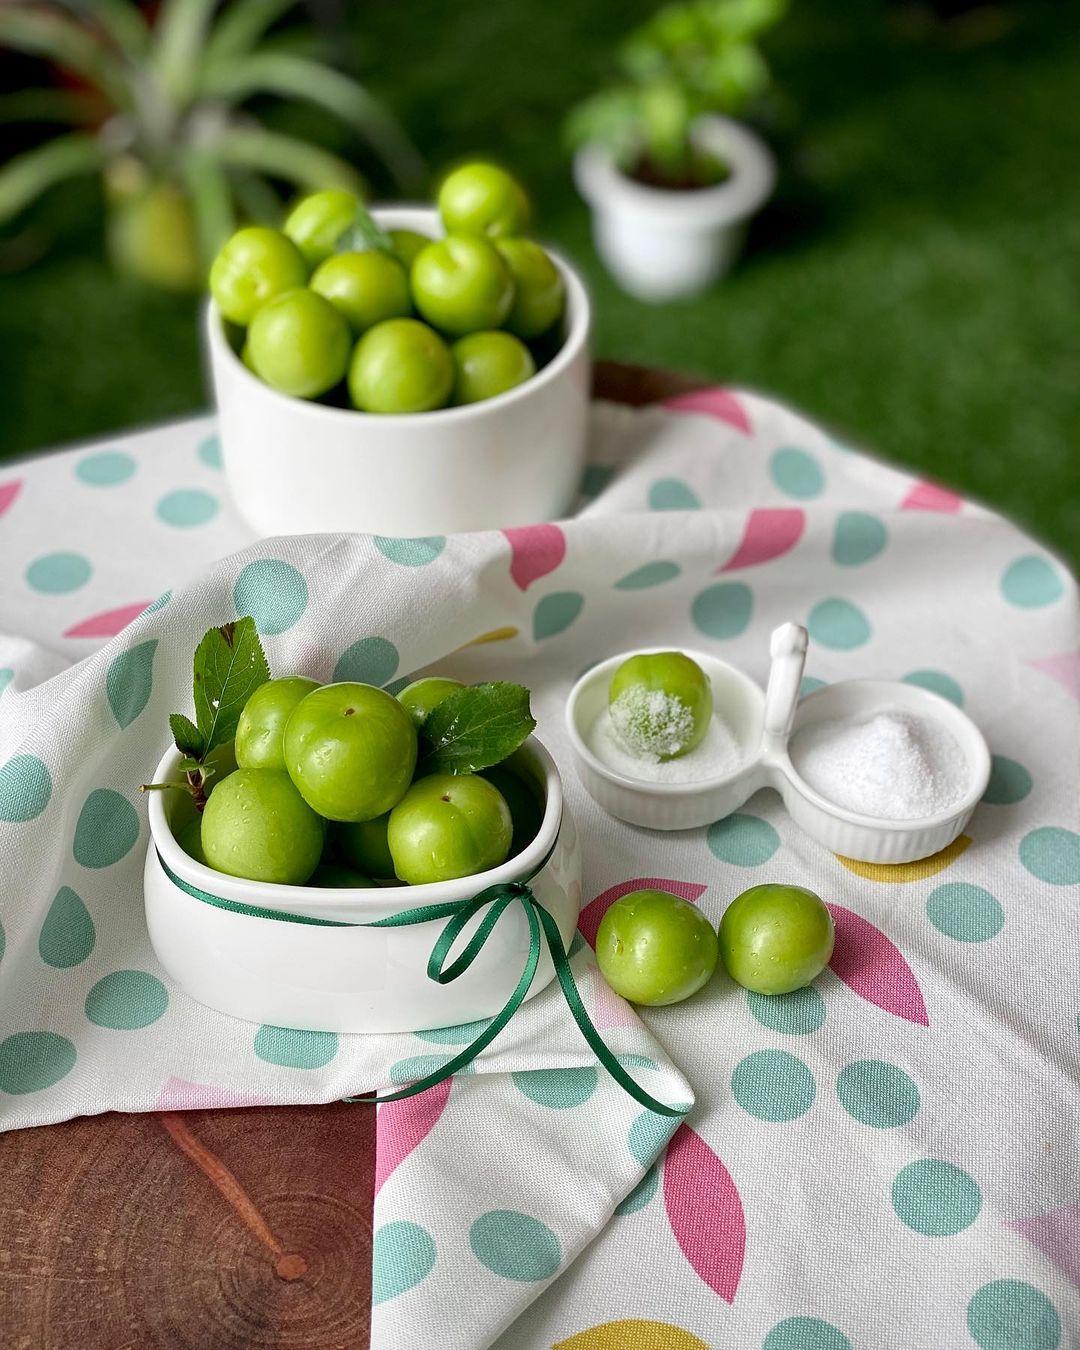 گوجه سبز در نمک